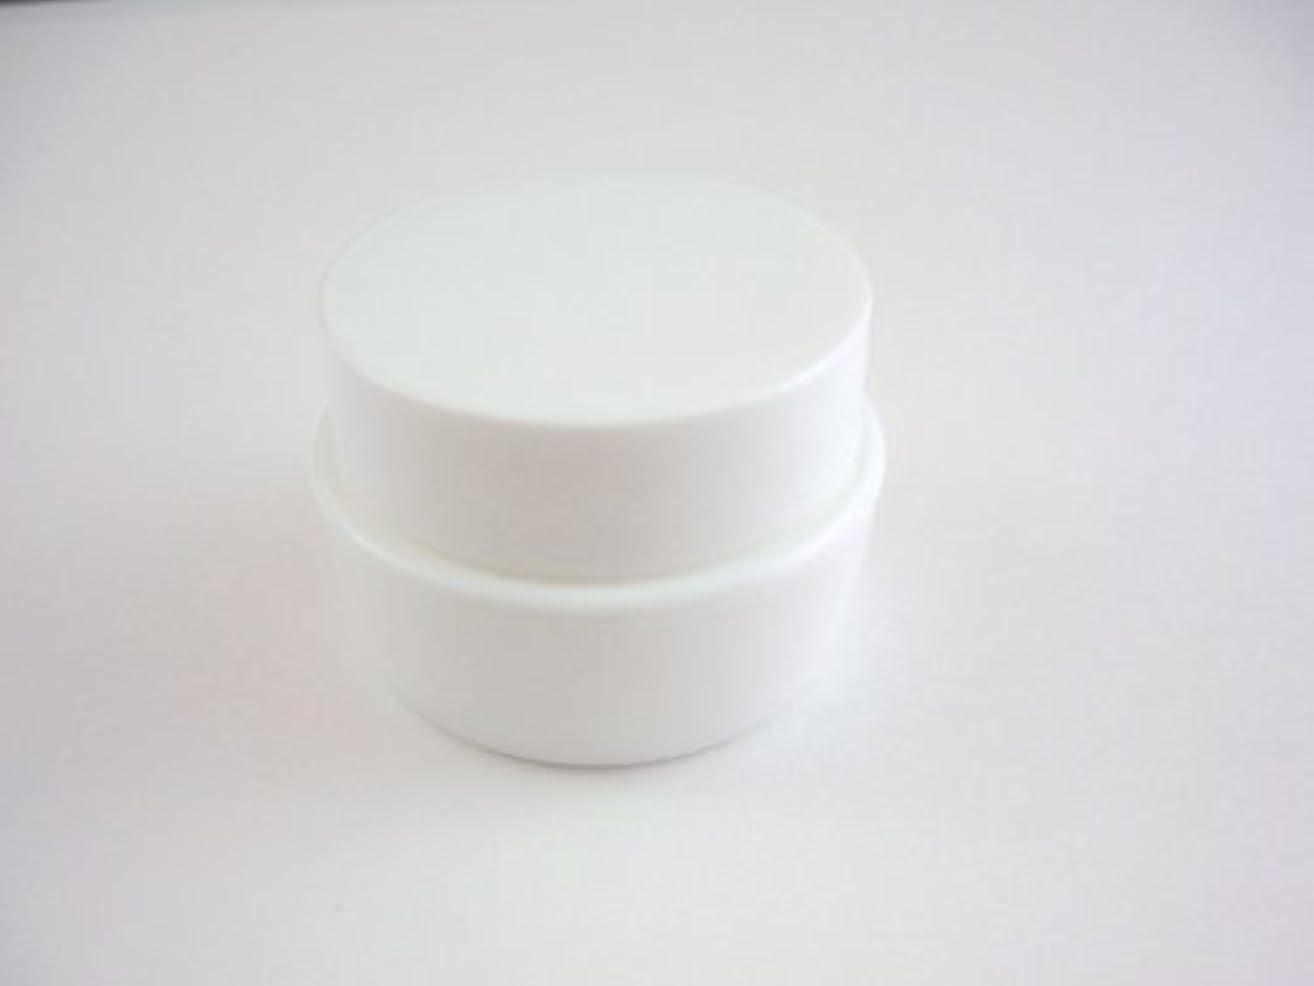 慣習適格食料品店ジェル空容器 3ml   ホワイト 10個セット